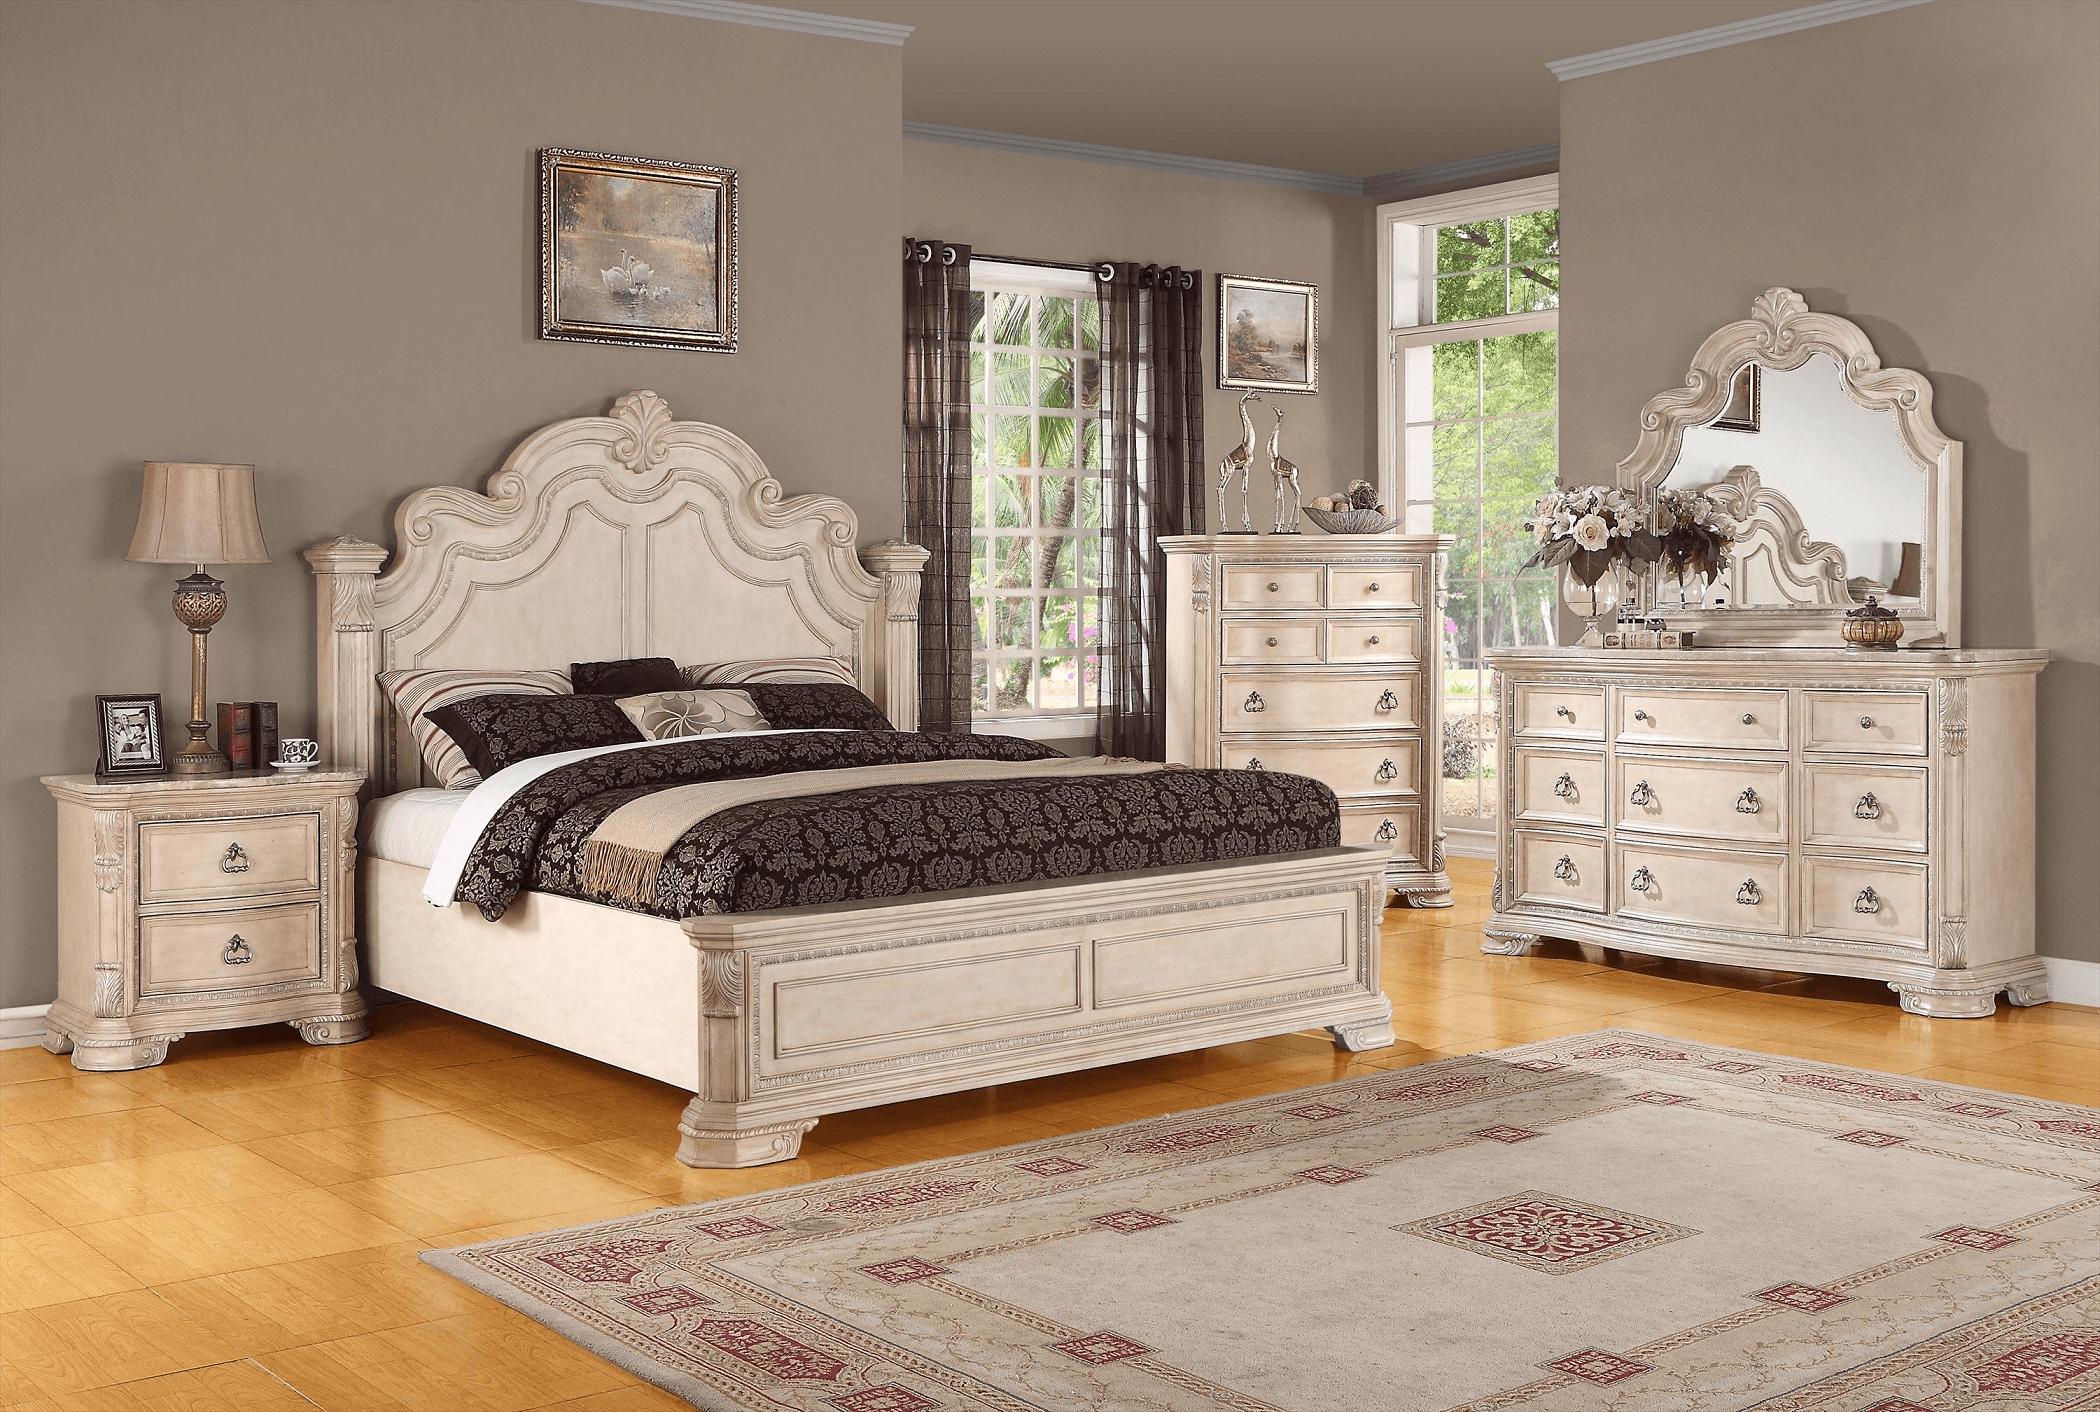 How to Choose Best bedroom Furniture Sets